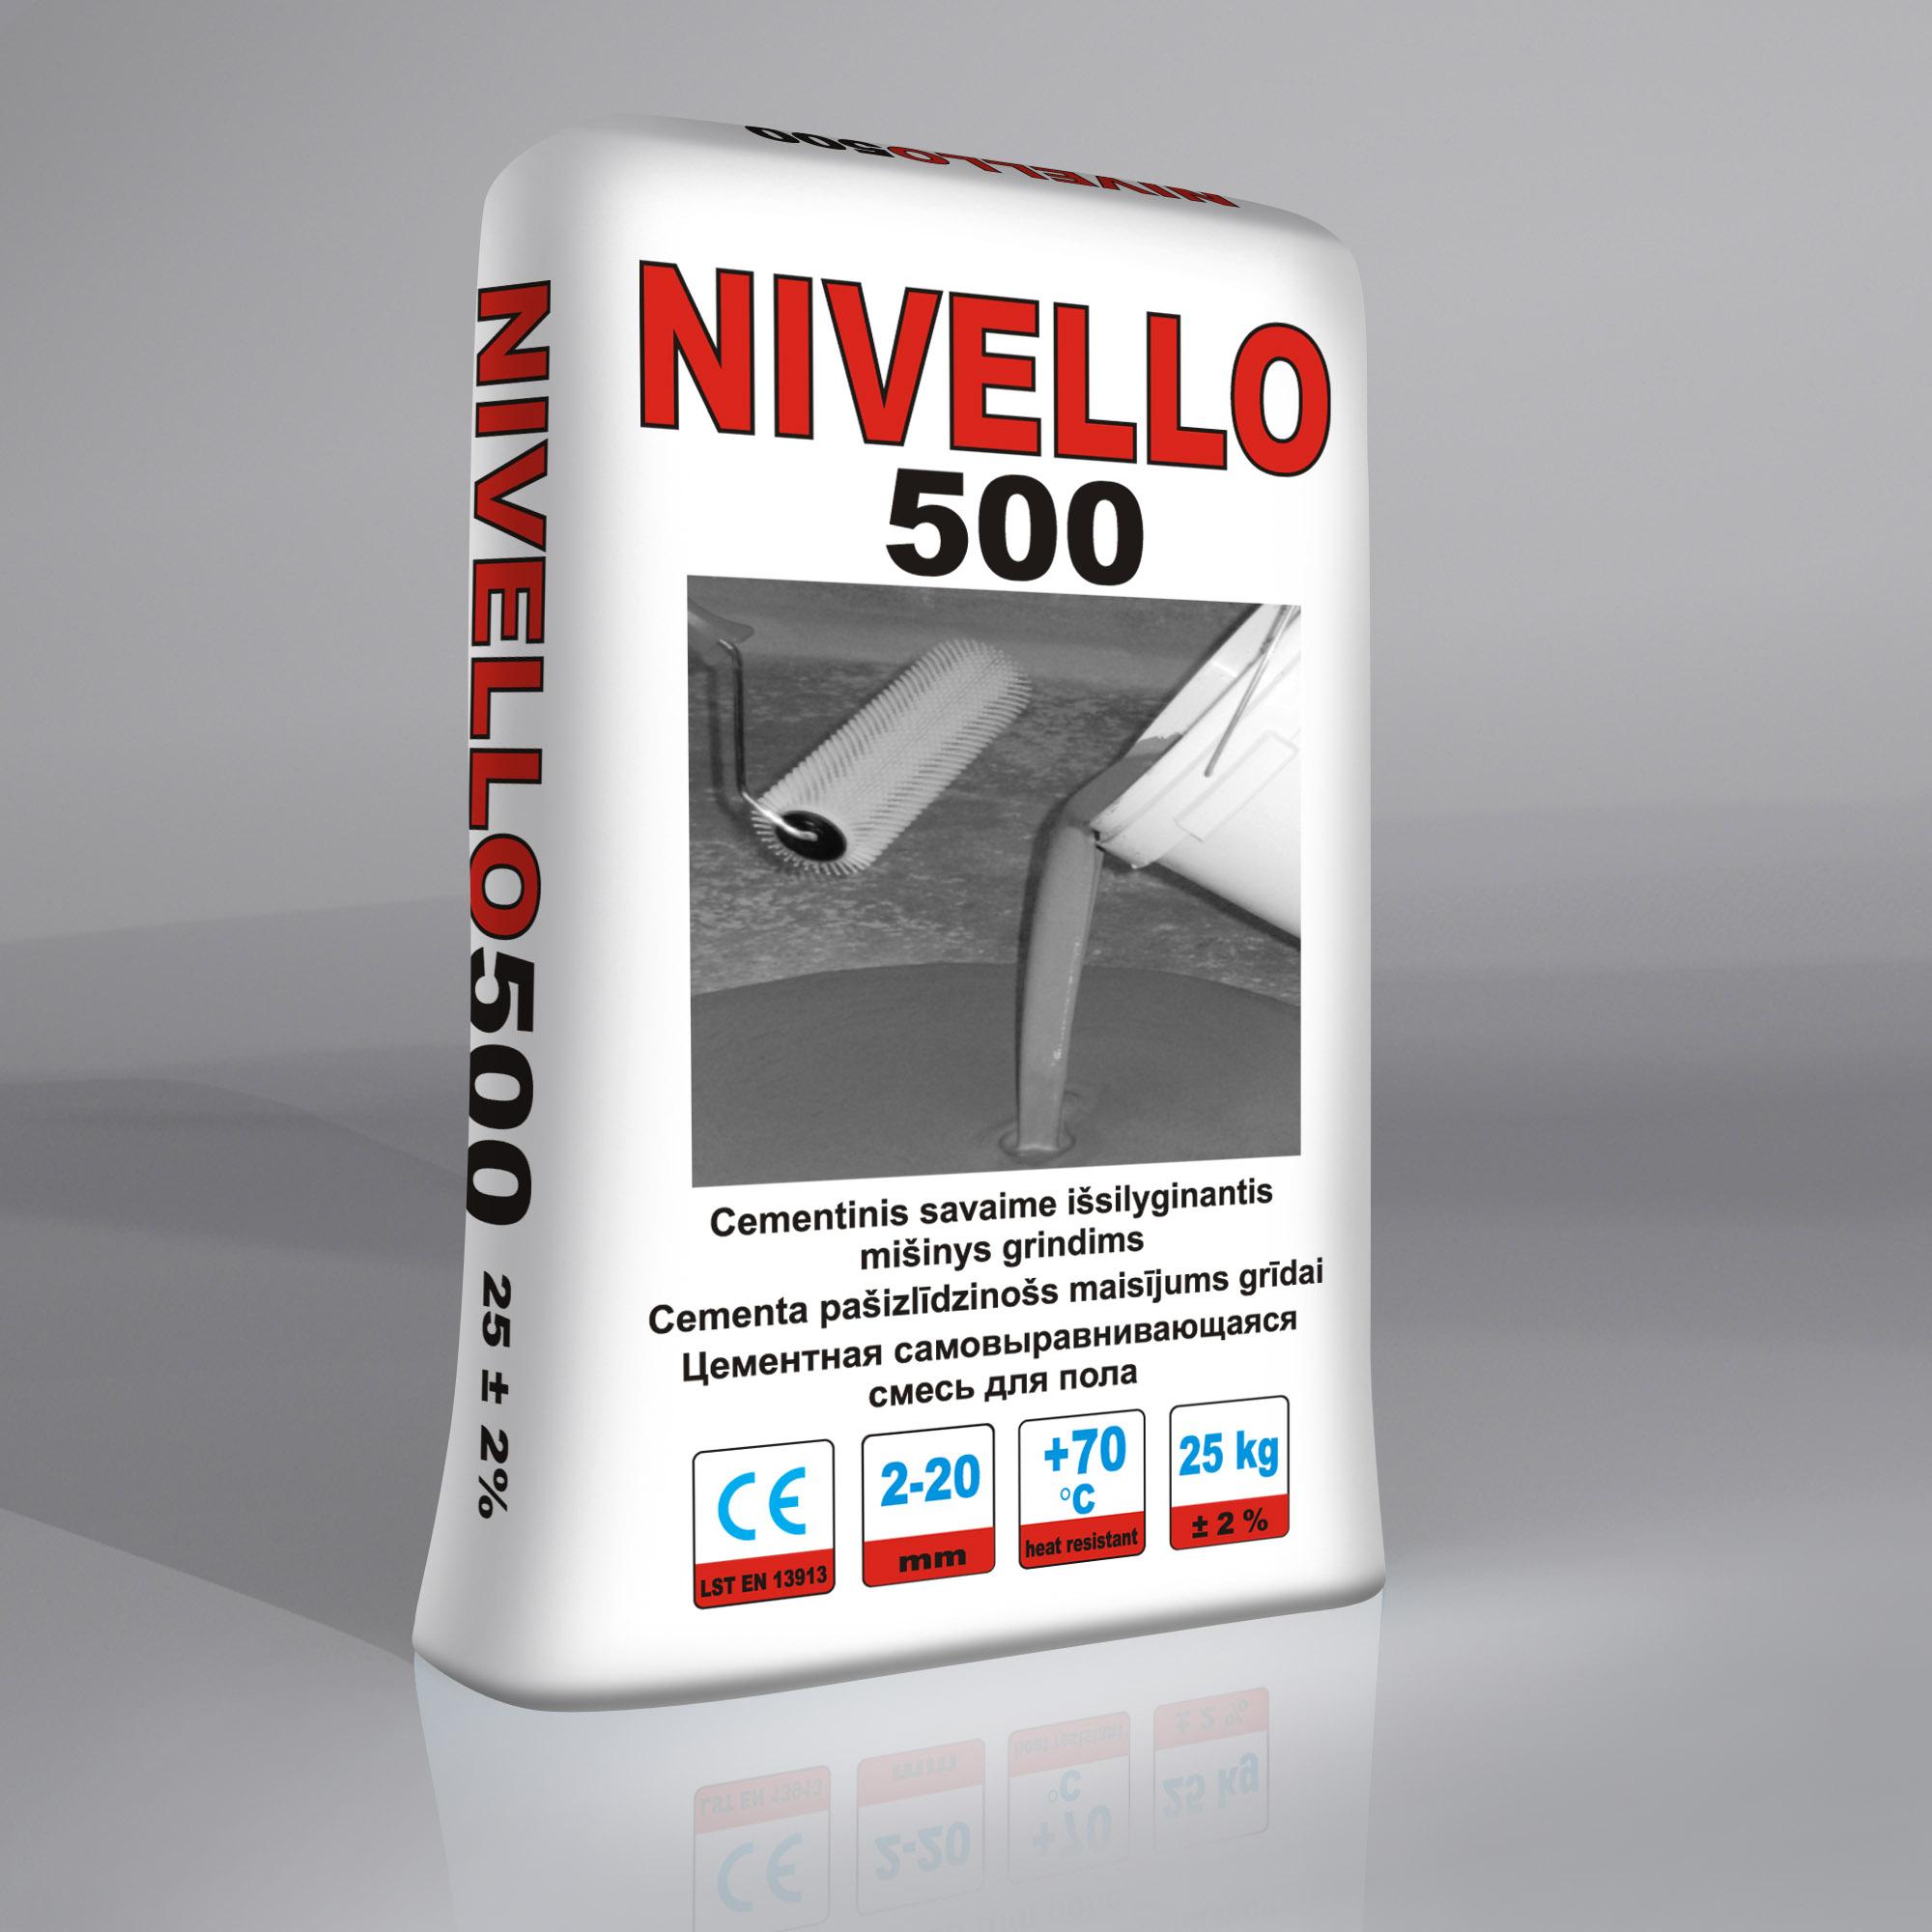 NIVELLO500 Savaime išsilyginantis grindų mišinys